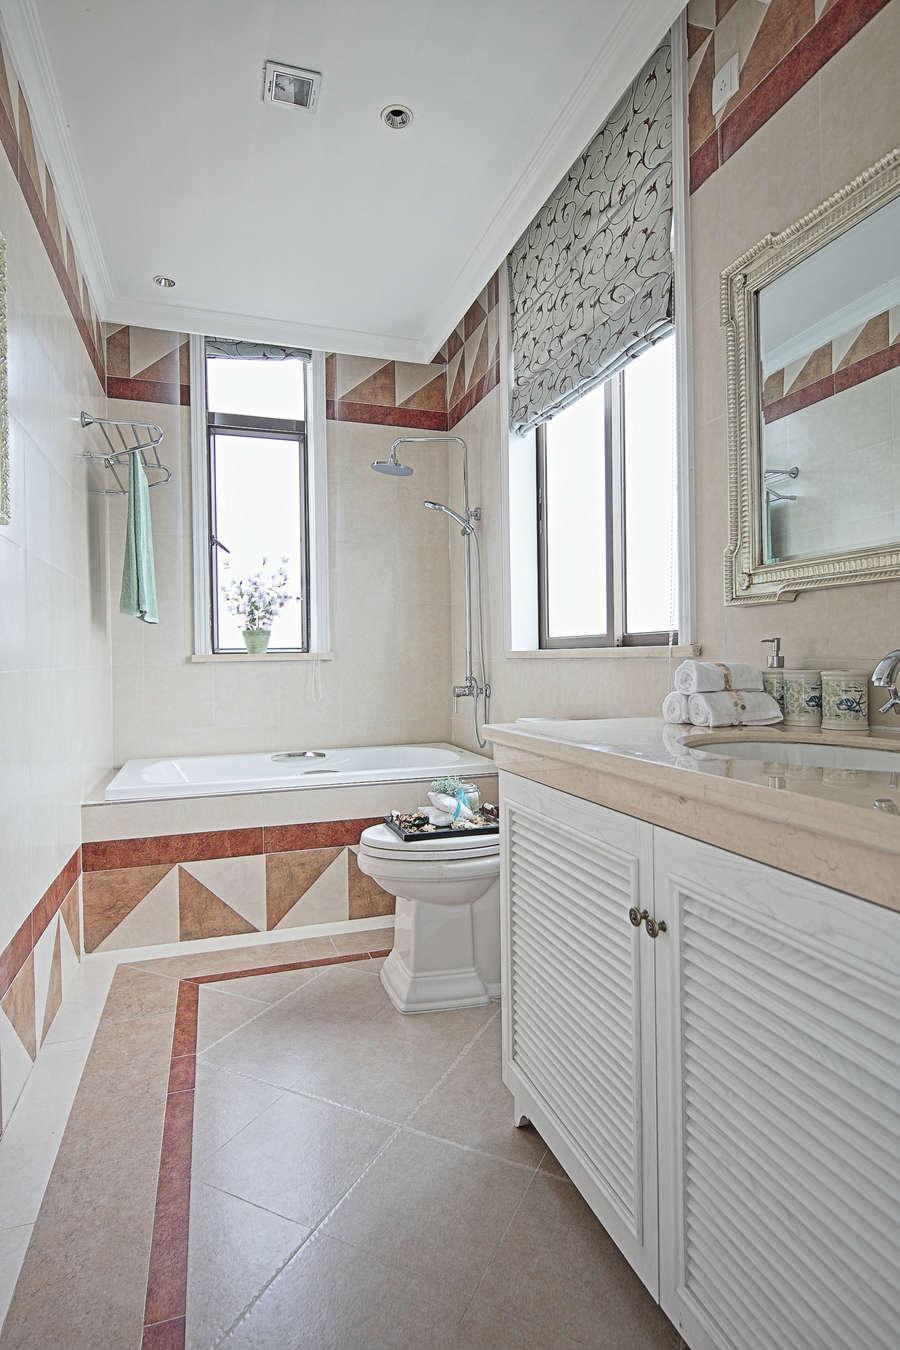 鄞州风格城事3室2厅130㎡地中海风格装修效果图